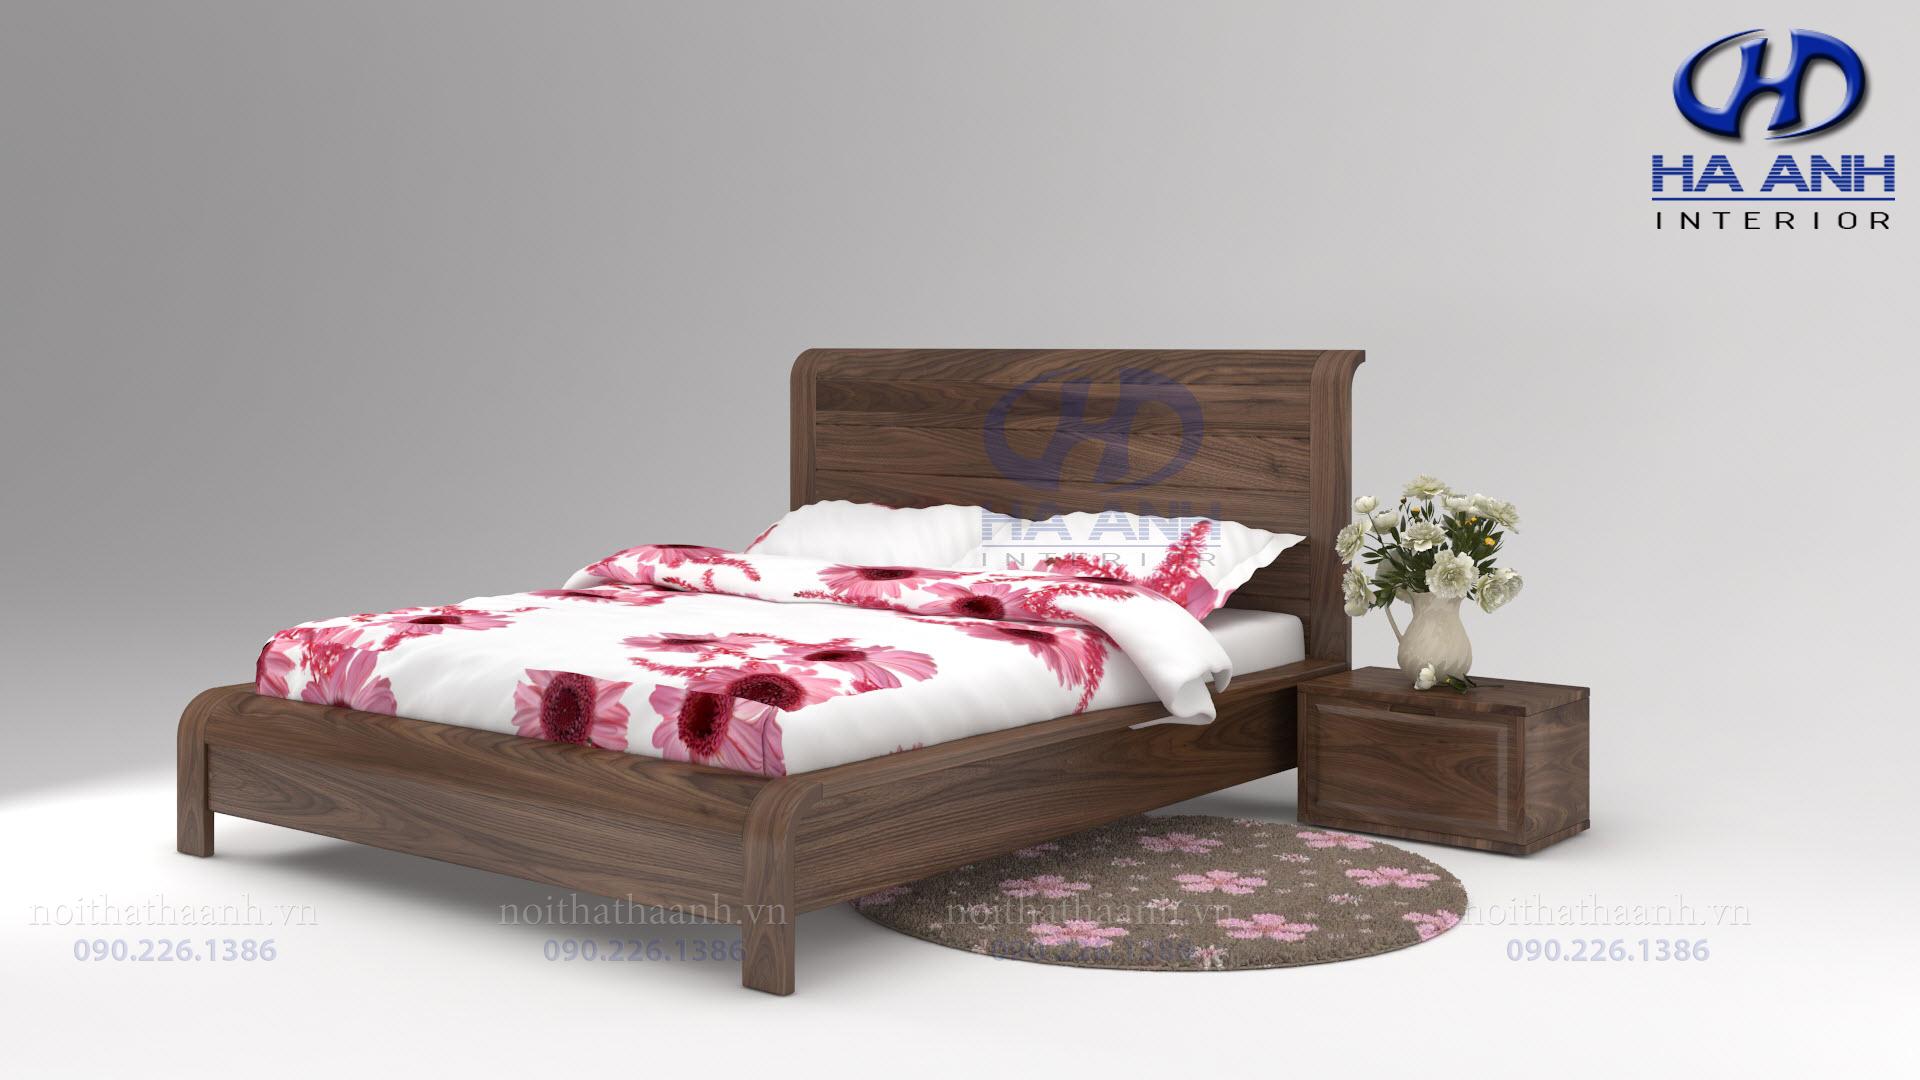 Giường gỗ Óc chó tự nhiên HAT-0229-1